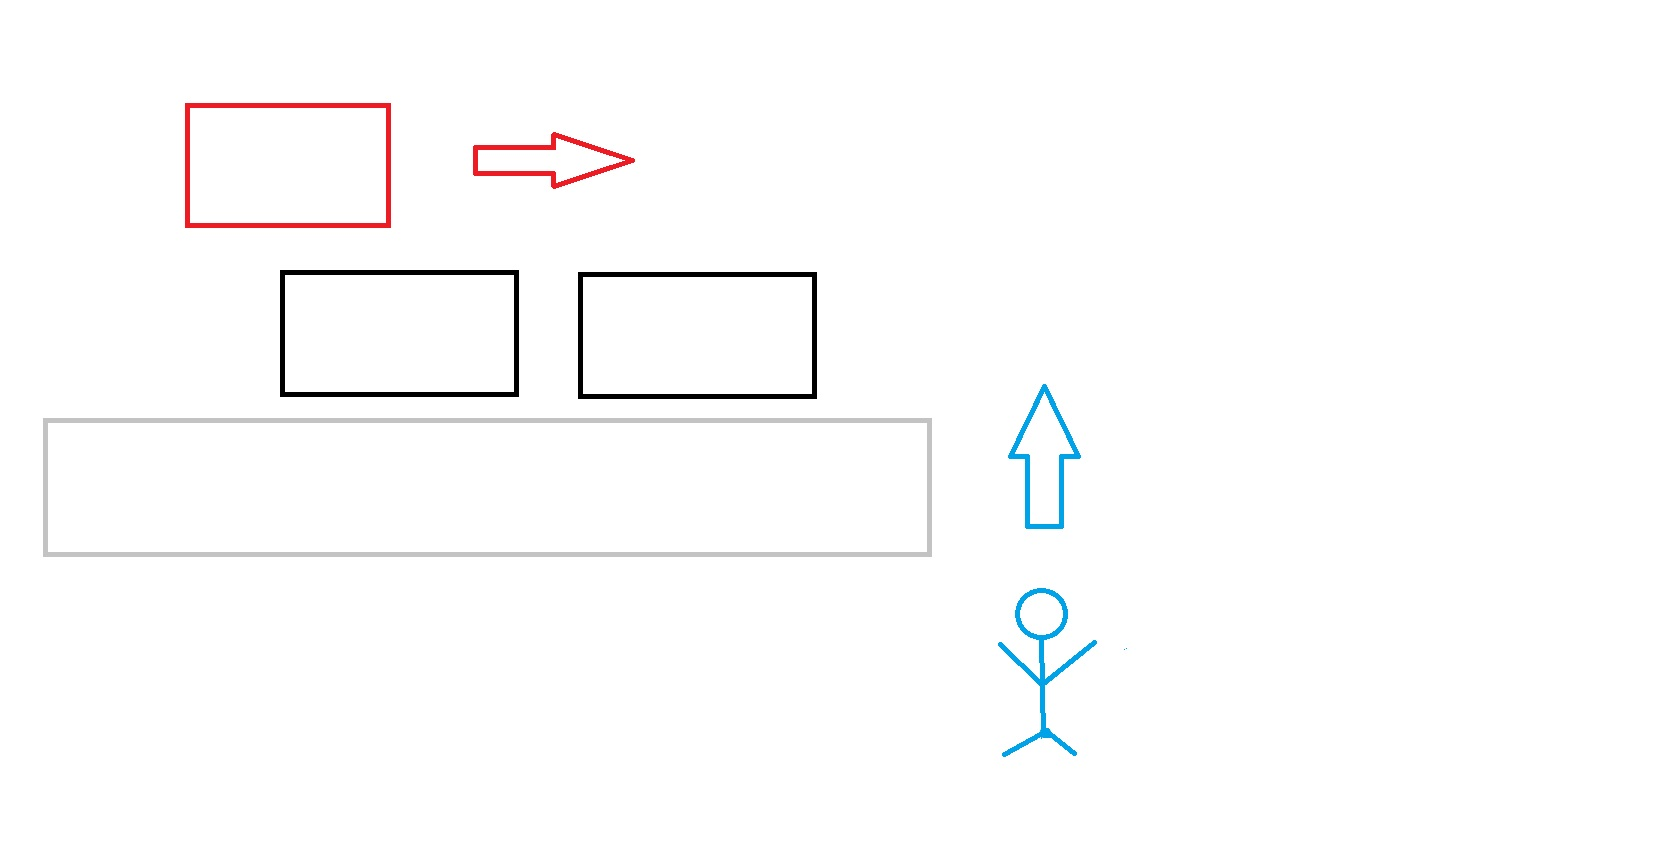 Tolle Software Zum Zeichnen Von Unfällen Ideen - Schaltplan Serie ...